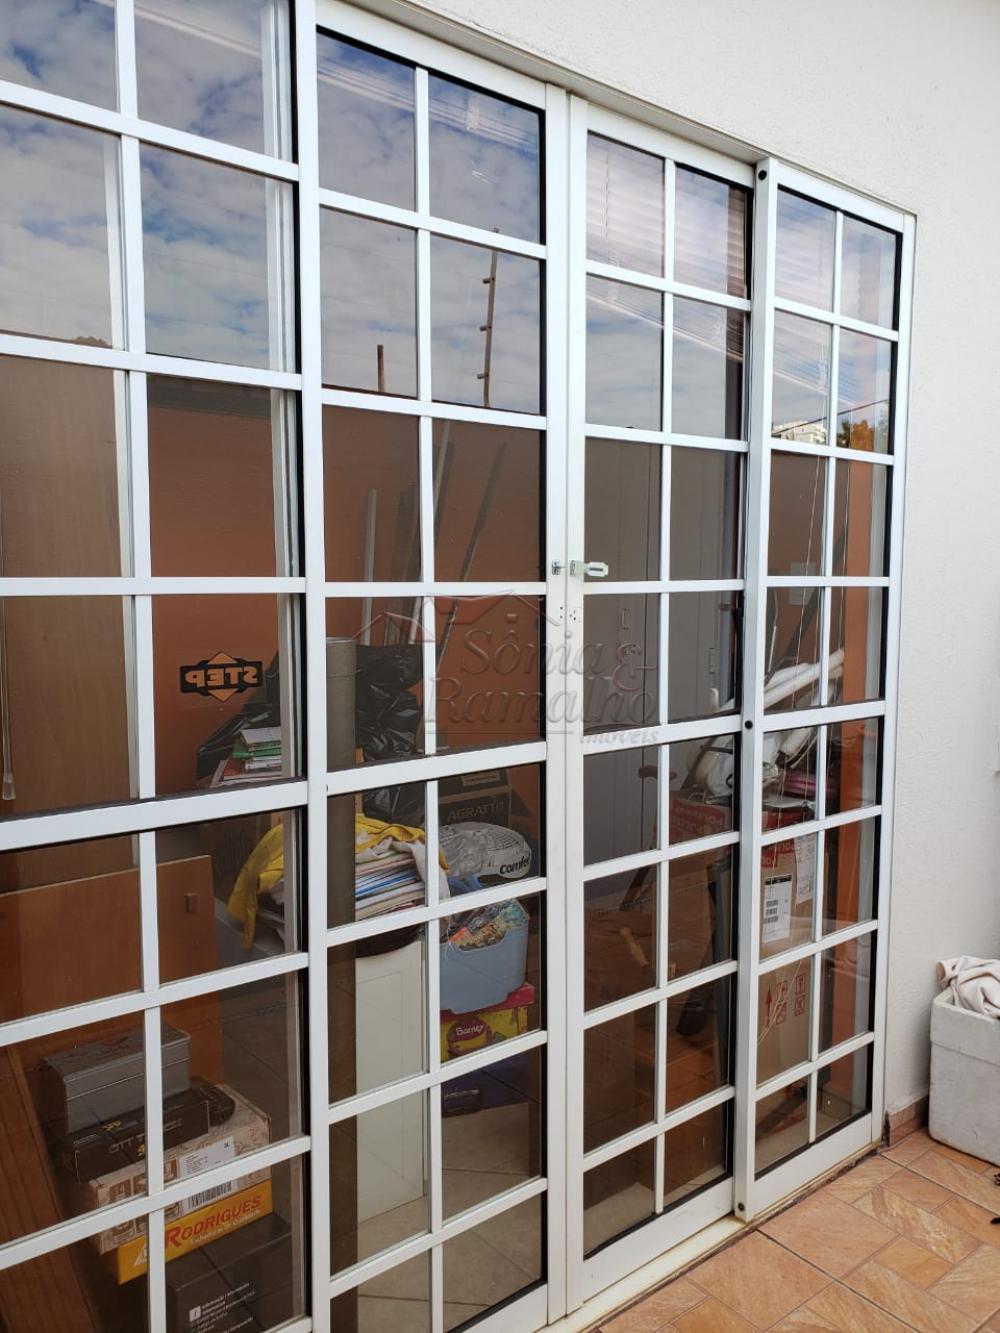 Comprar Casas / Padrão em Ribeirão Preto R$ 580.000,00 - Foto 24